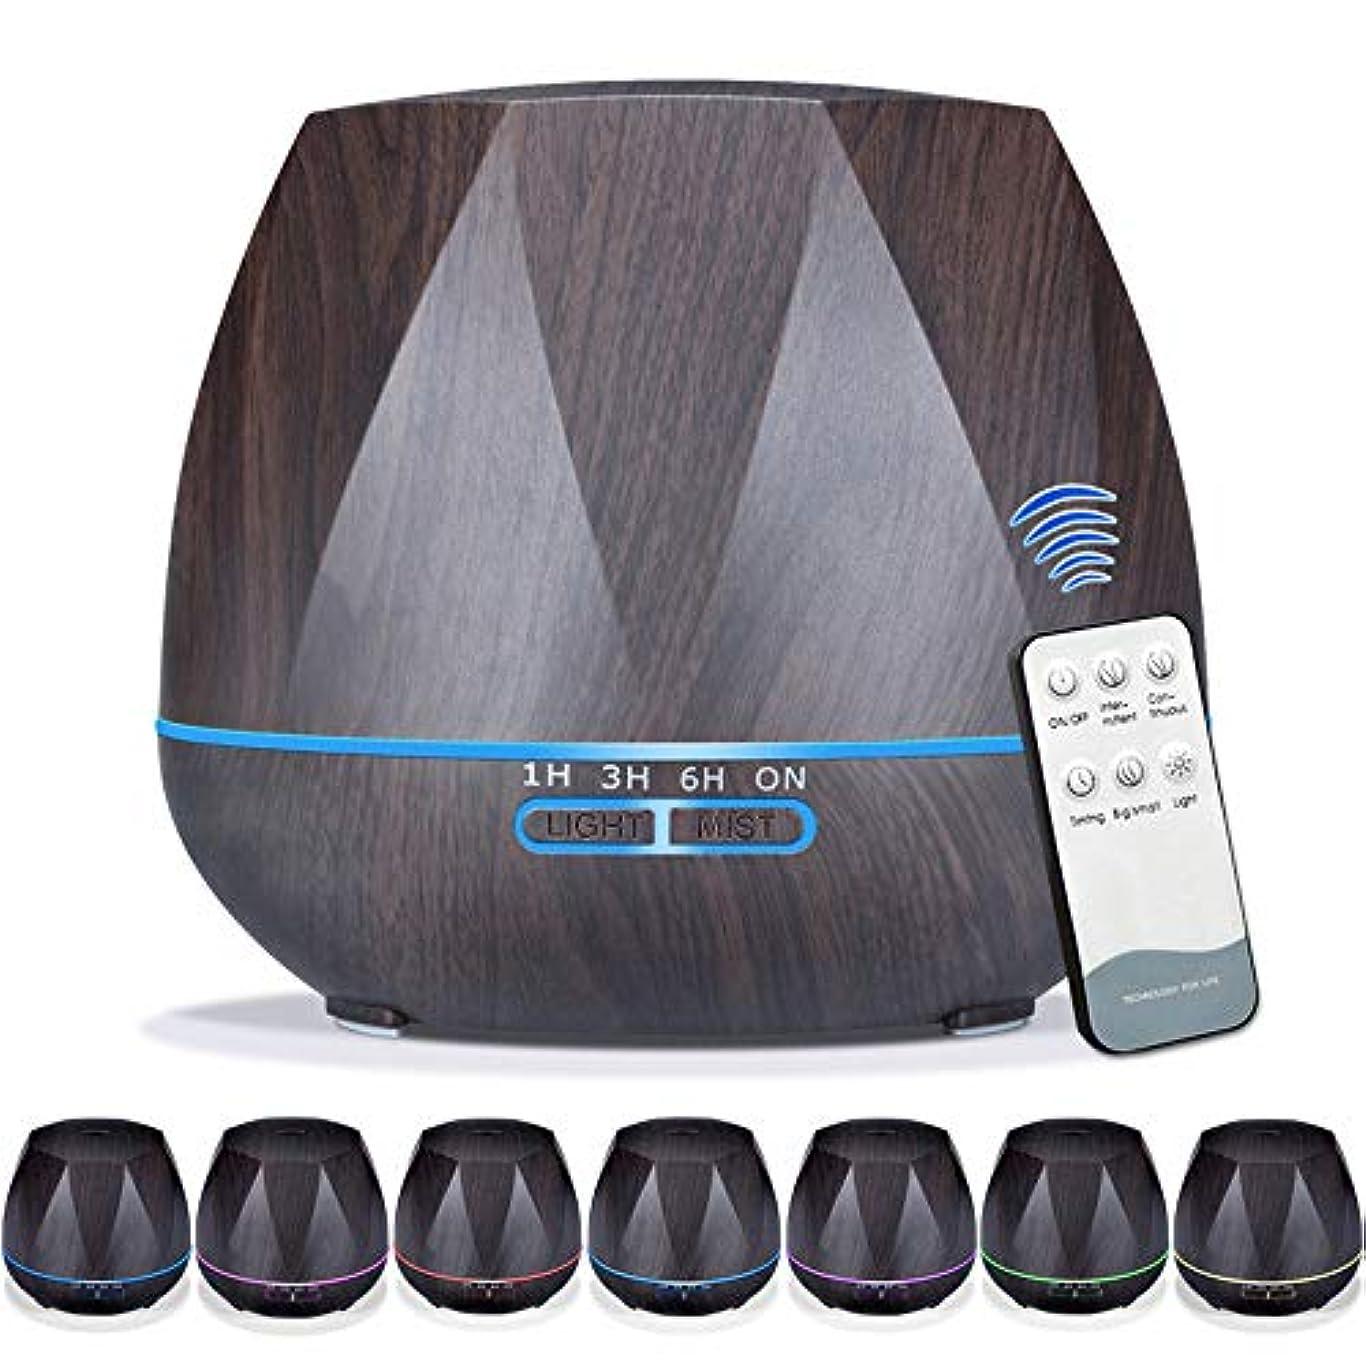 振るう雪実装する550mlエッセンシャルオイルディフューザー5に1アロマセラピー超音波クールミスト加湿器ルーム空気香りホームオフィスギフト用,EUplug